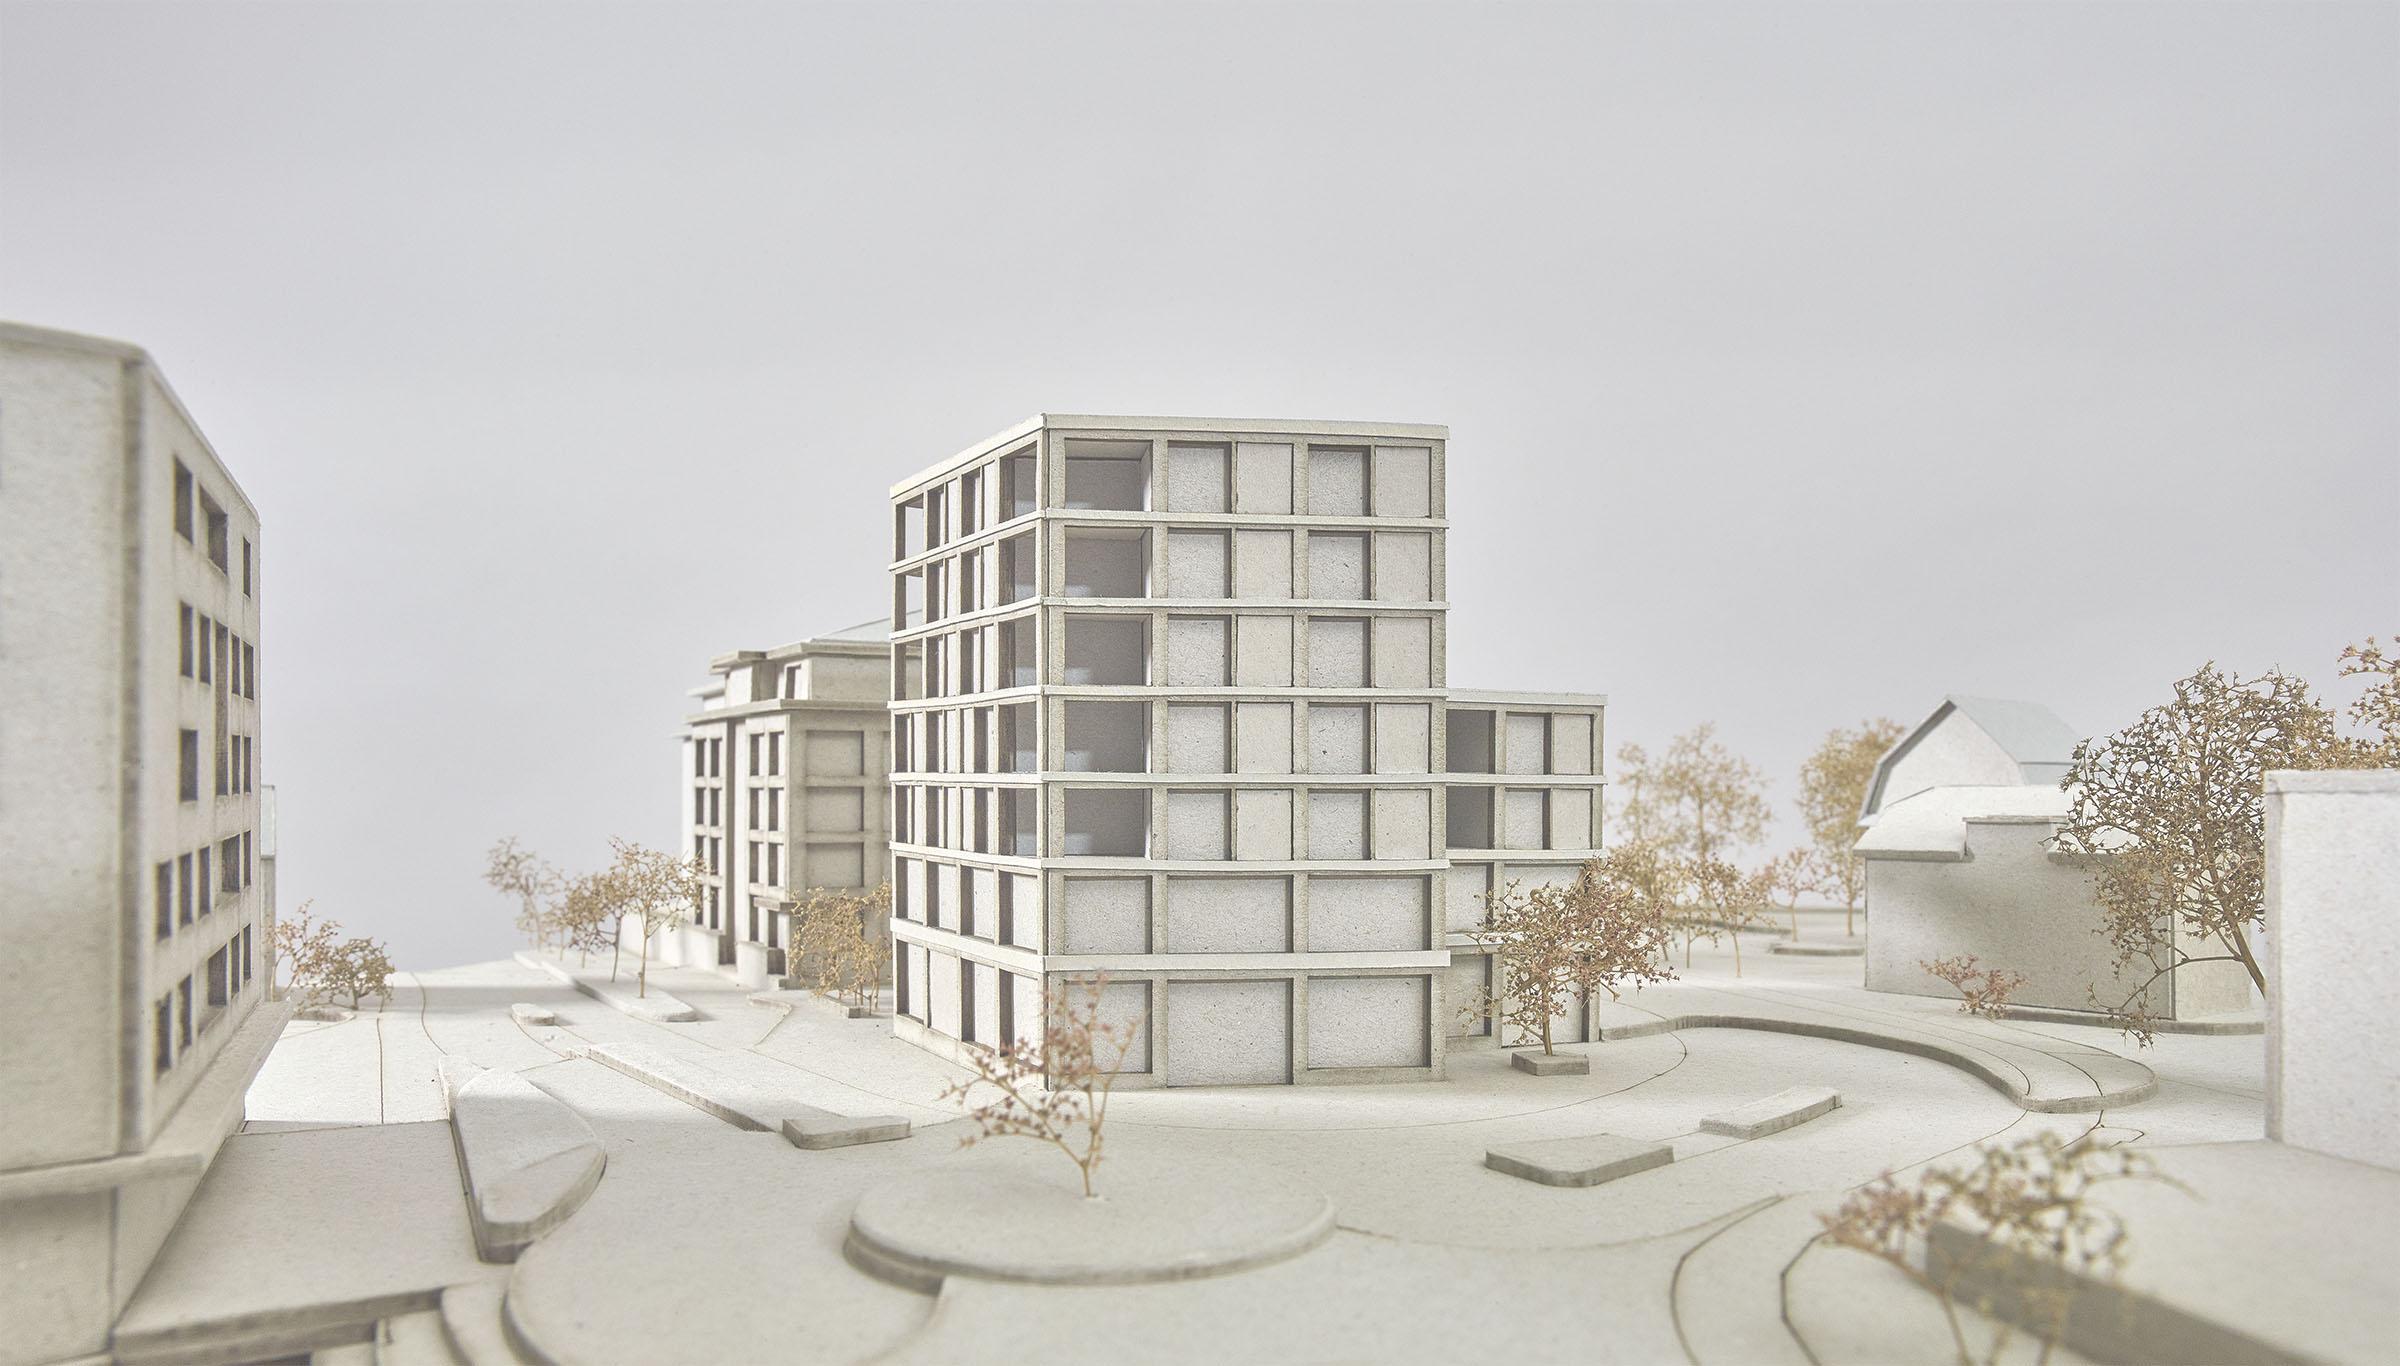 buan architekten - Projektwettbewerb am Kanzlei-Kreisel Emmenbrücke - Modell